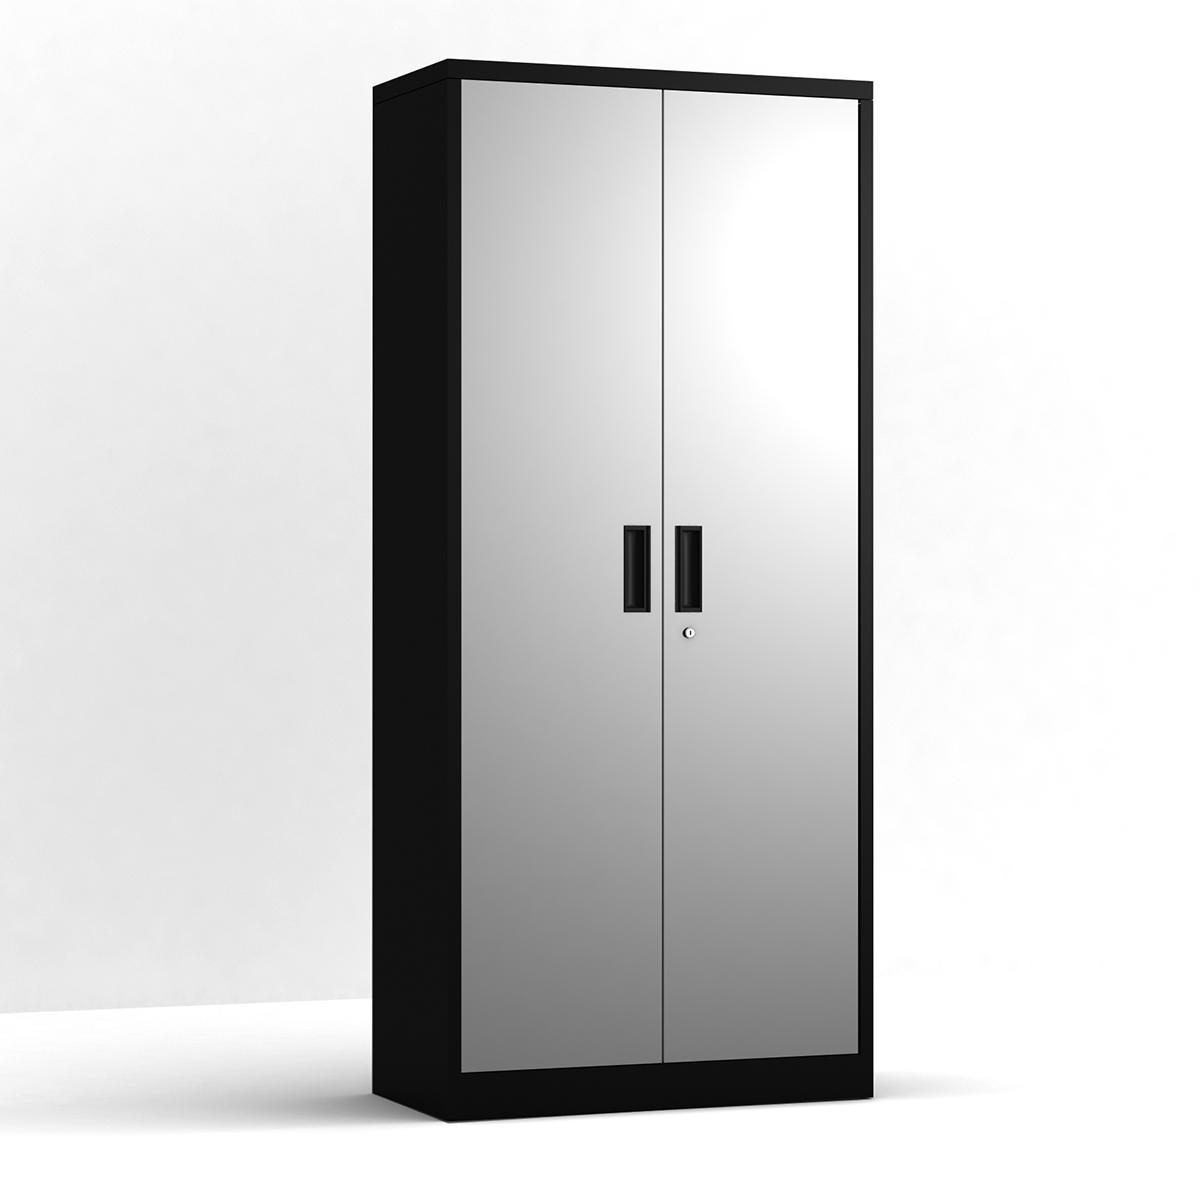 钢制储物柜5分区金属储物柜带4块可调式搁板和带锁门 - 黑色柜体灰色门